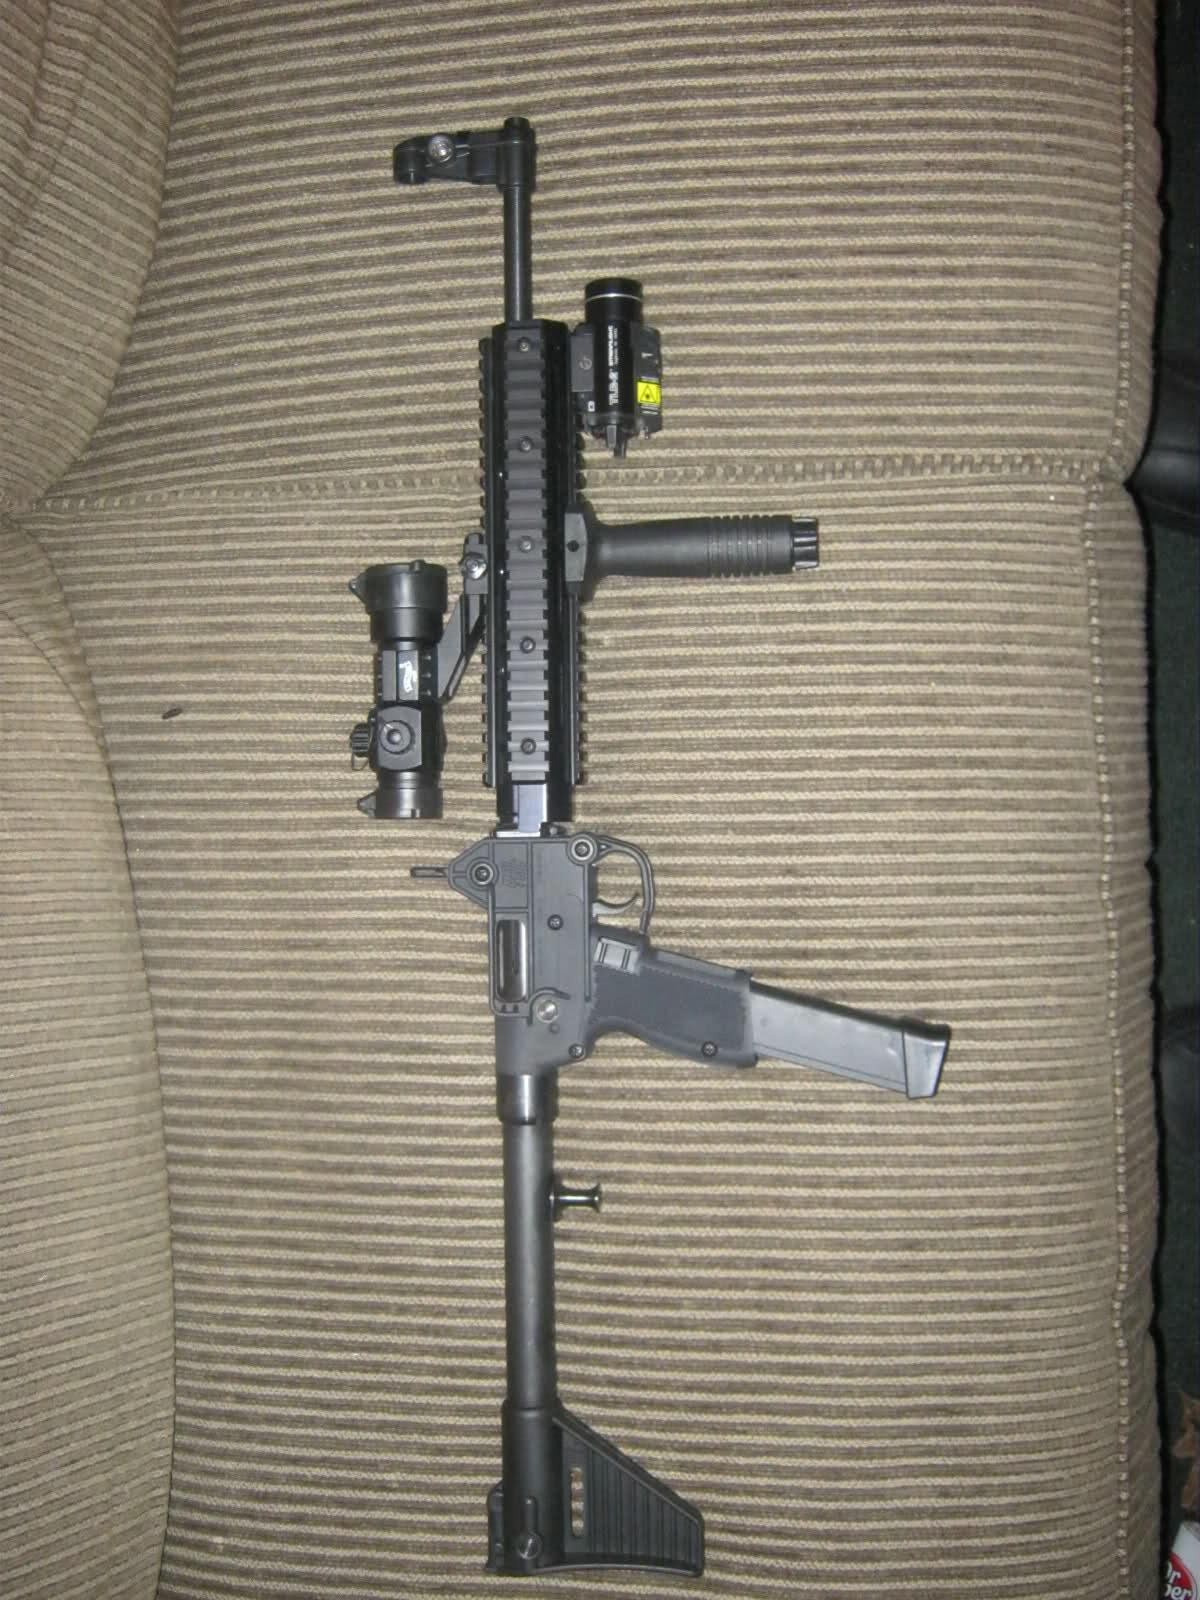 Tactical Kel Tec Sub 2000 9mm Glock Mags Fs Ft The